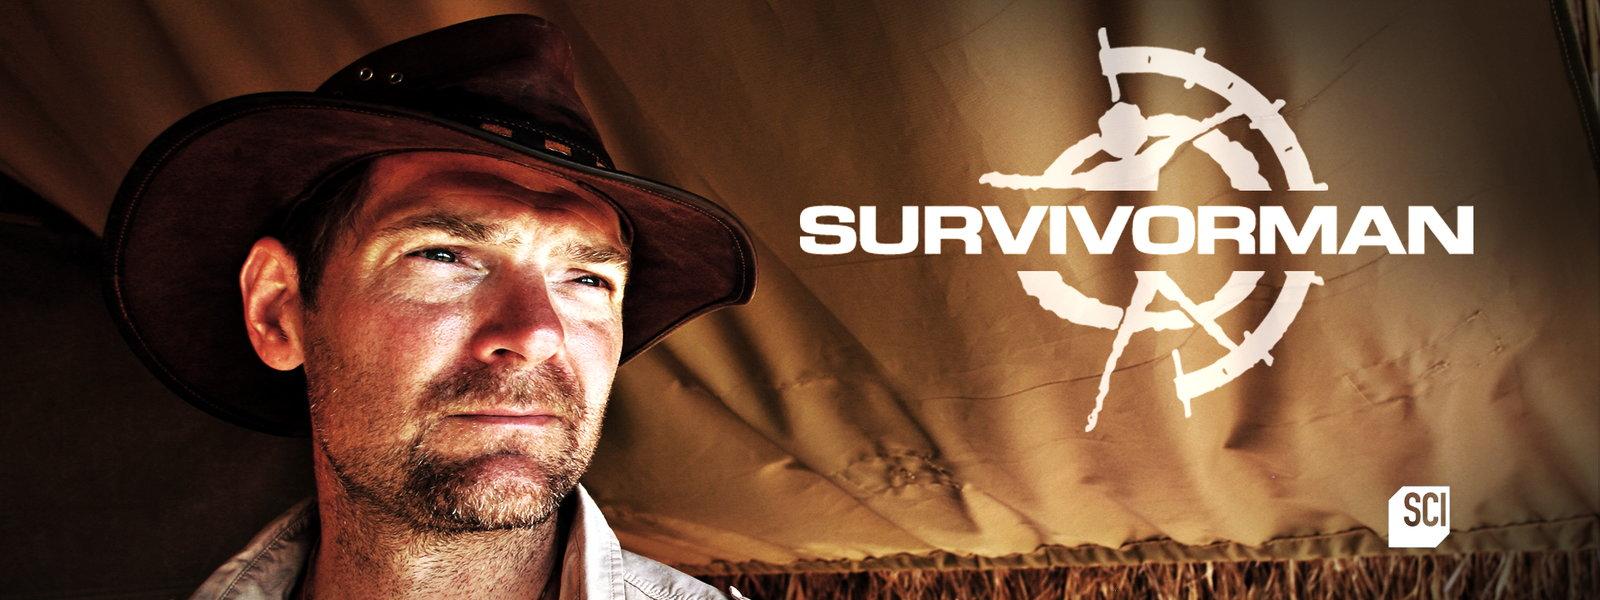 SURVIVORMAN : émission de survie